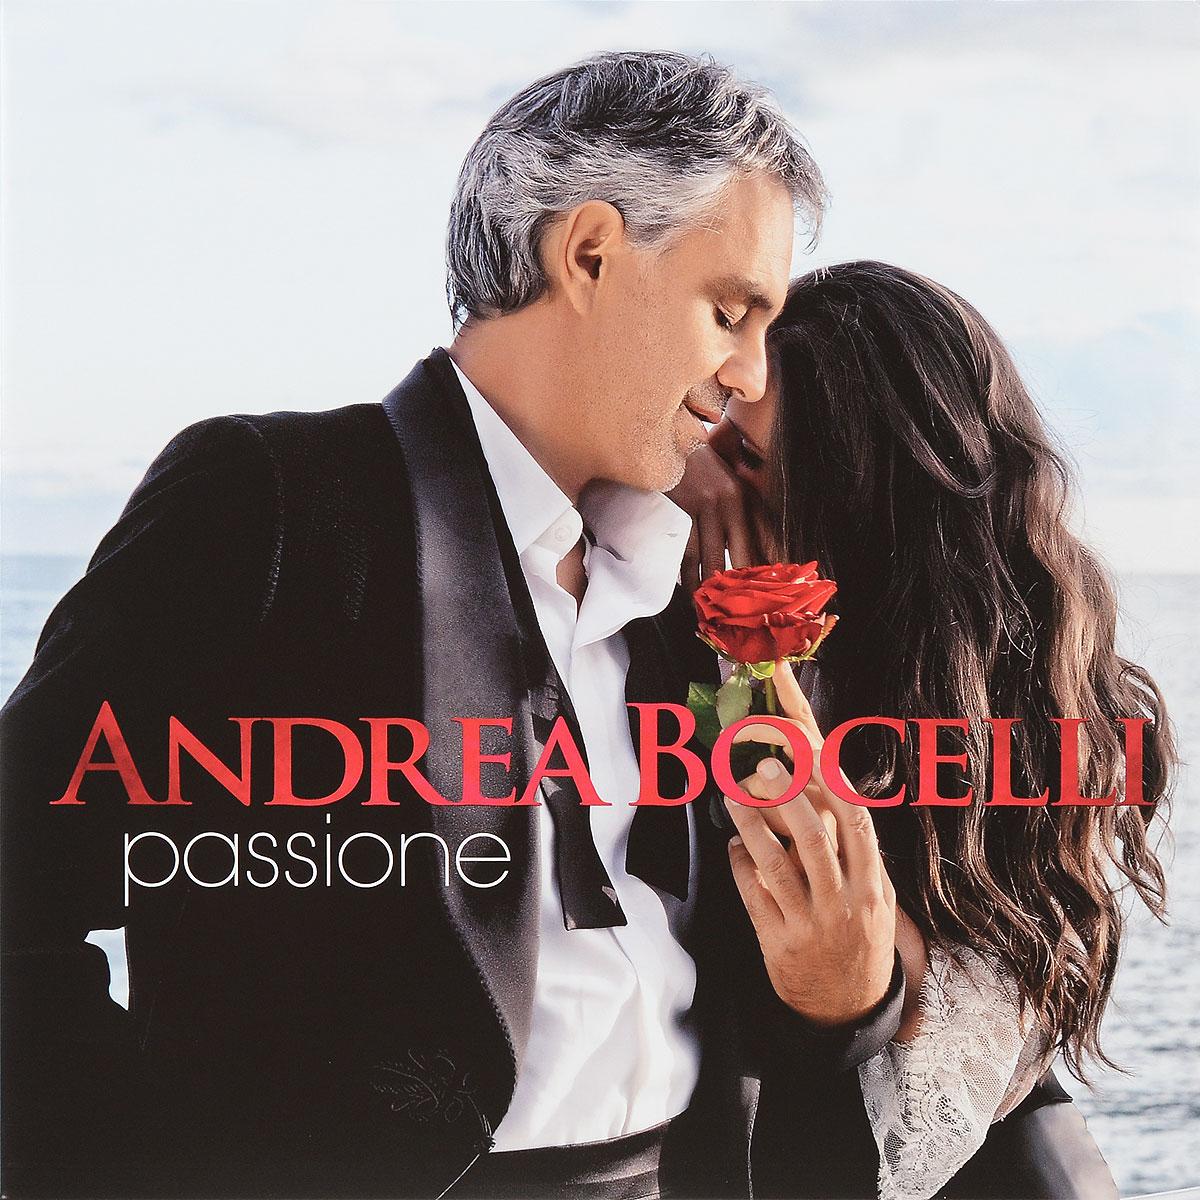 Andrea Bocelli. Passione (2 LP)